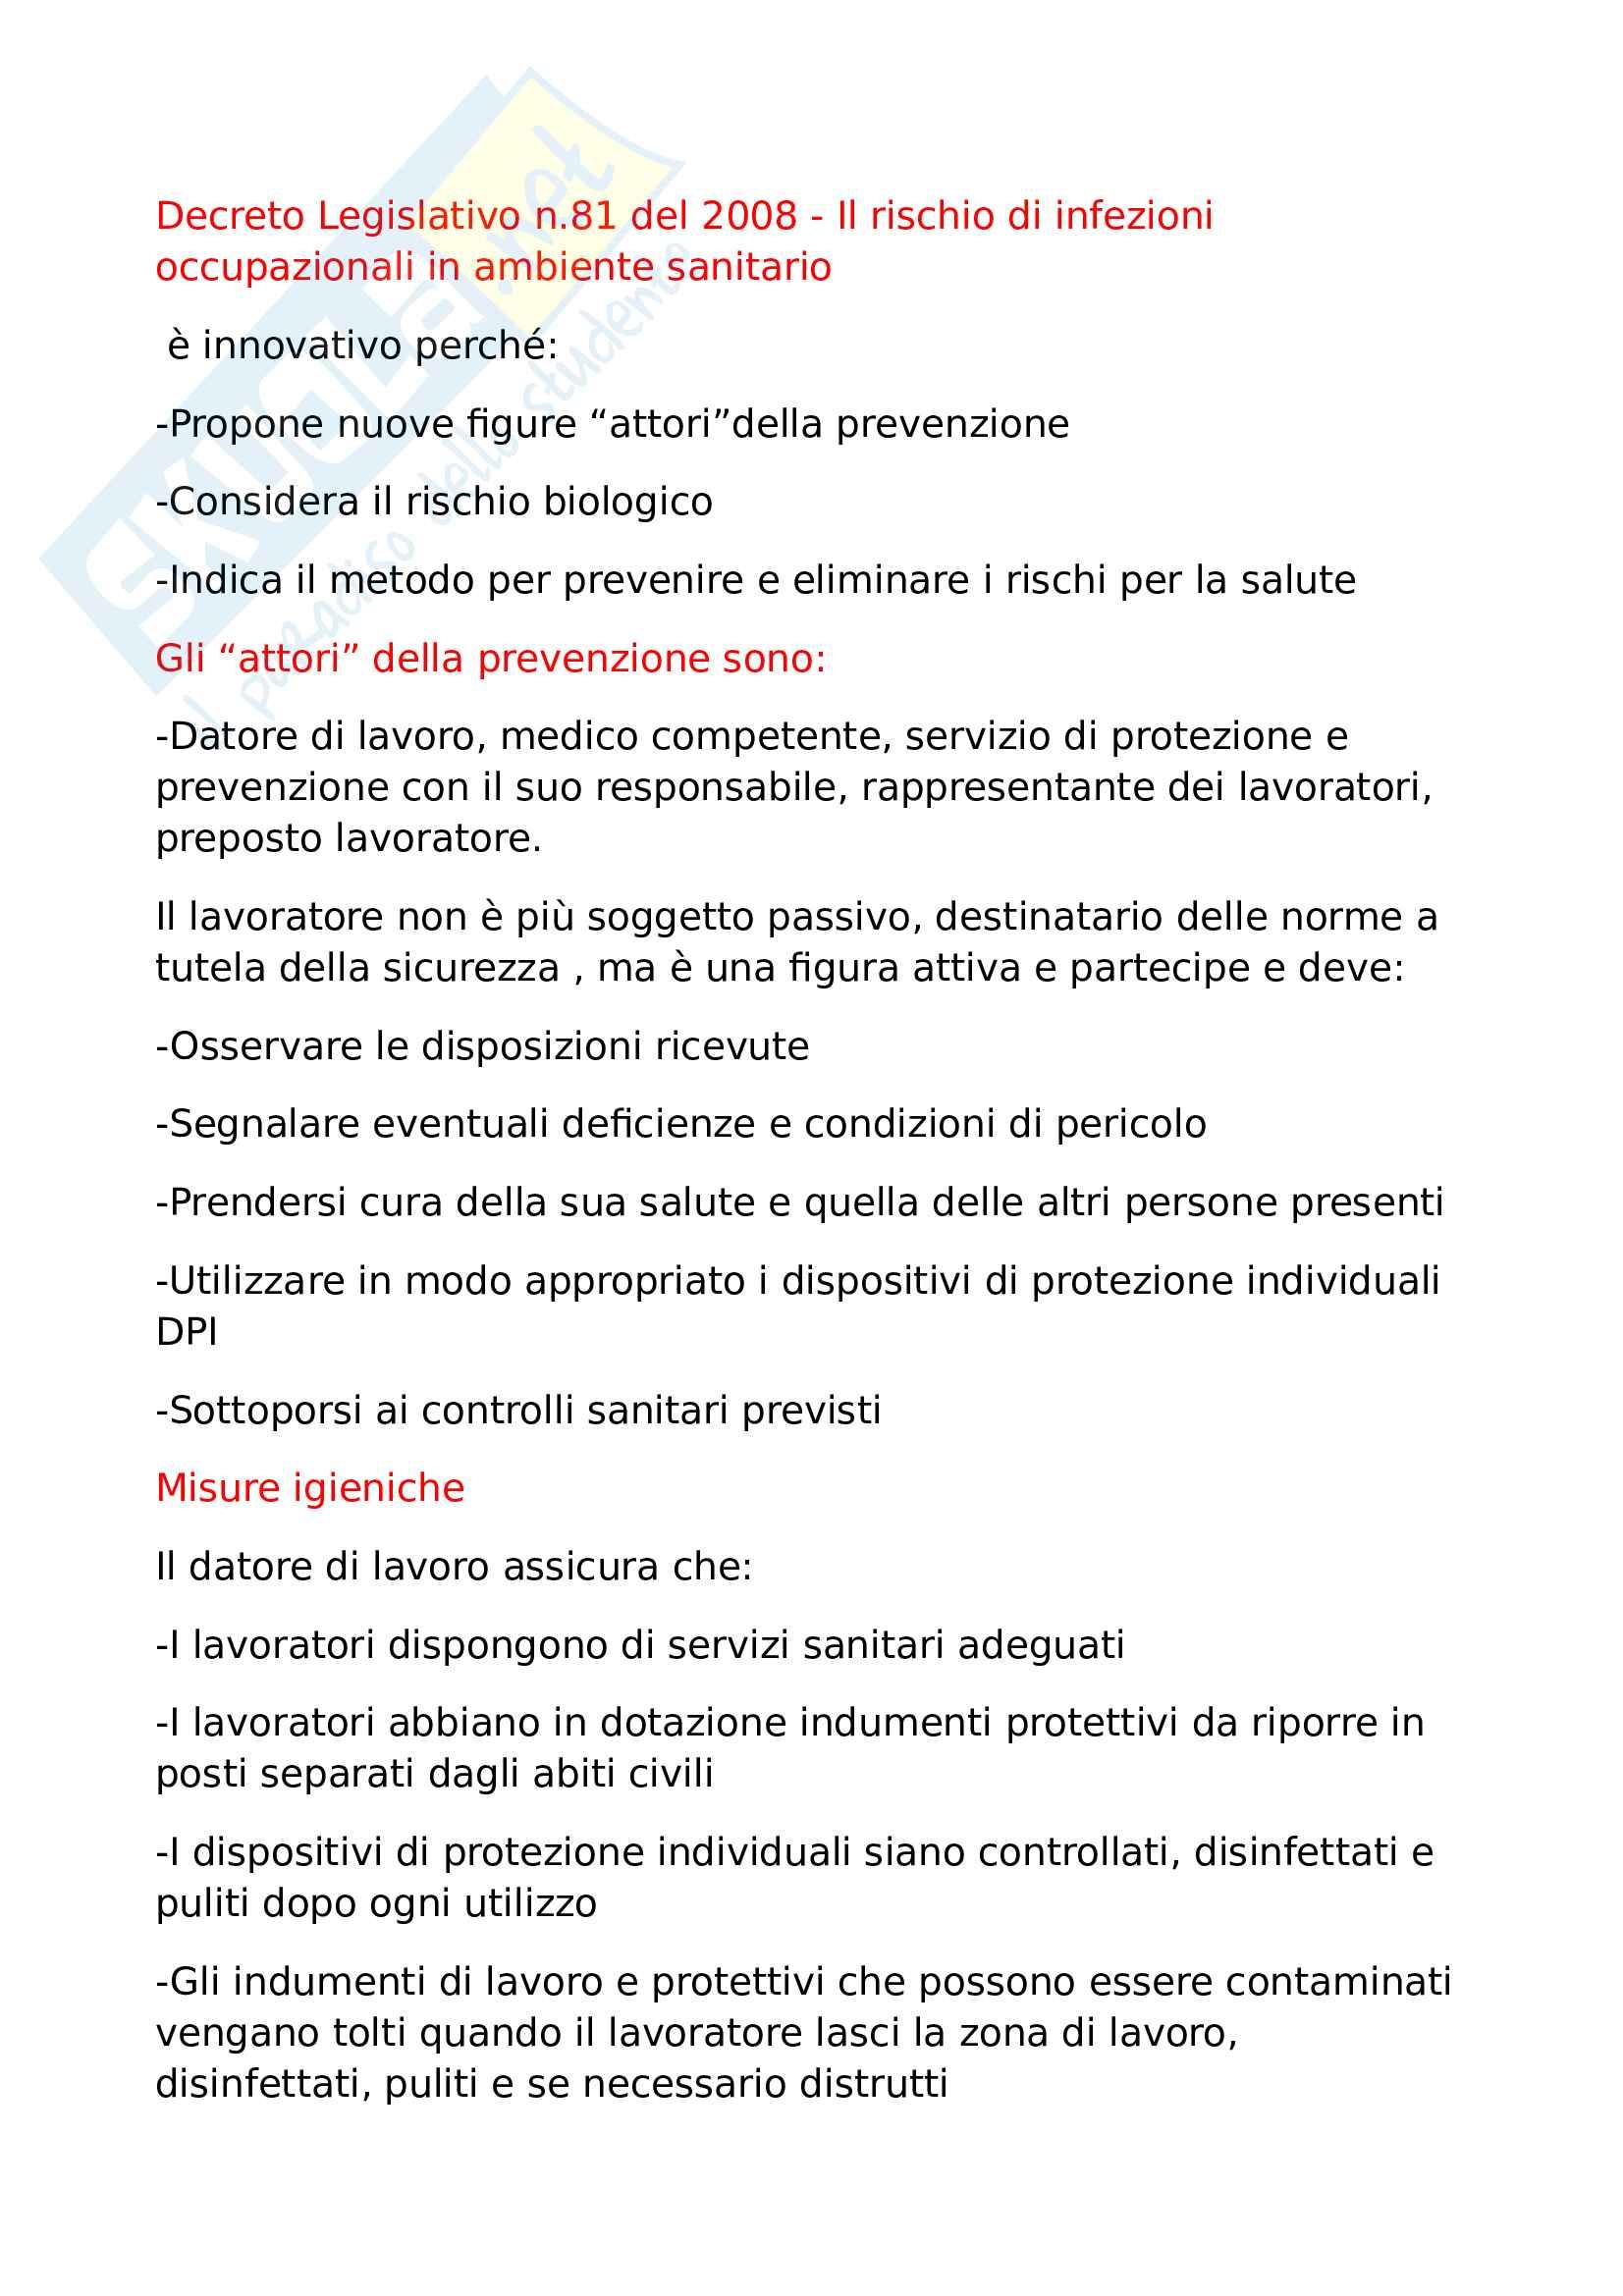 Decreto Legislativo 81 del 2008 2